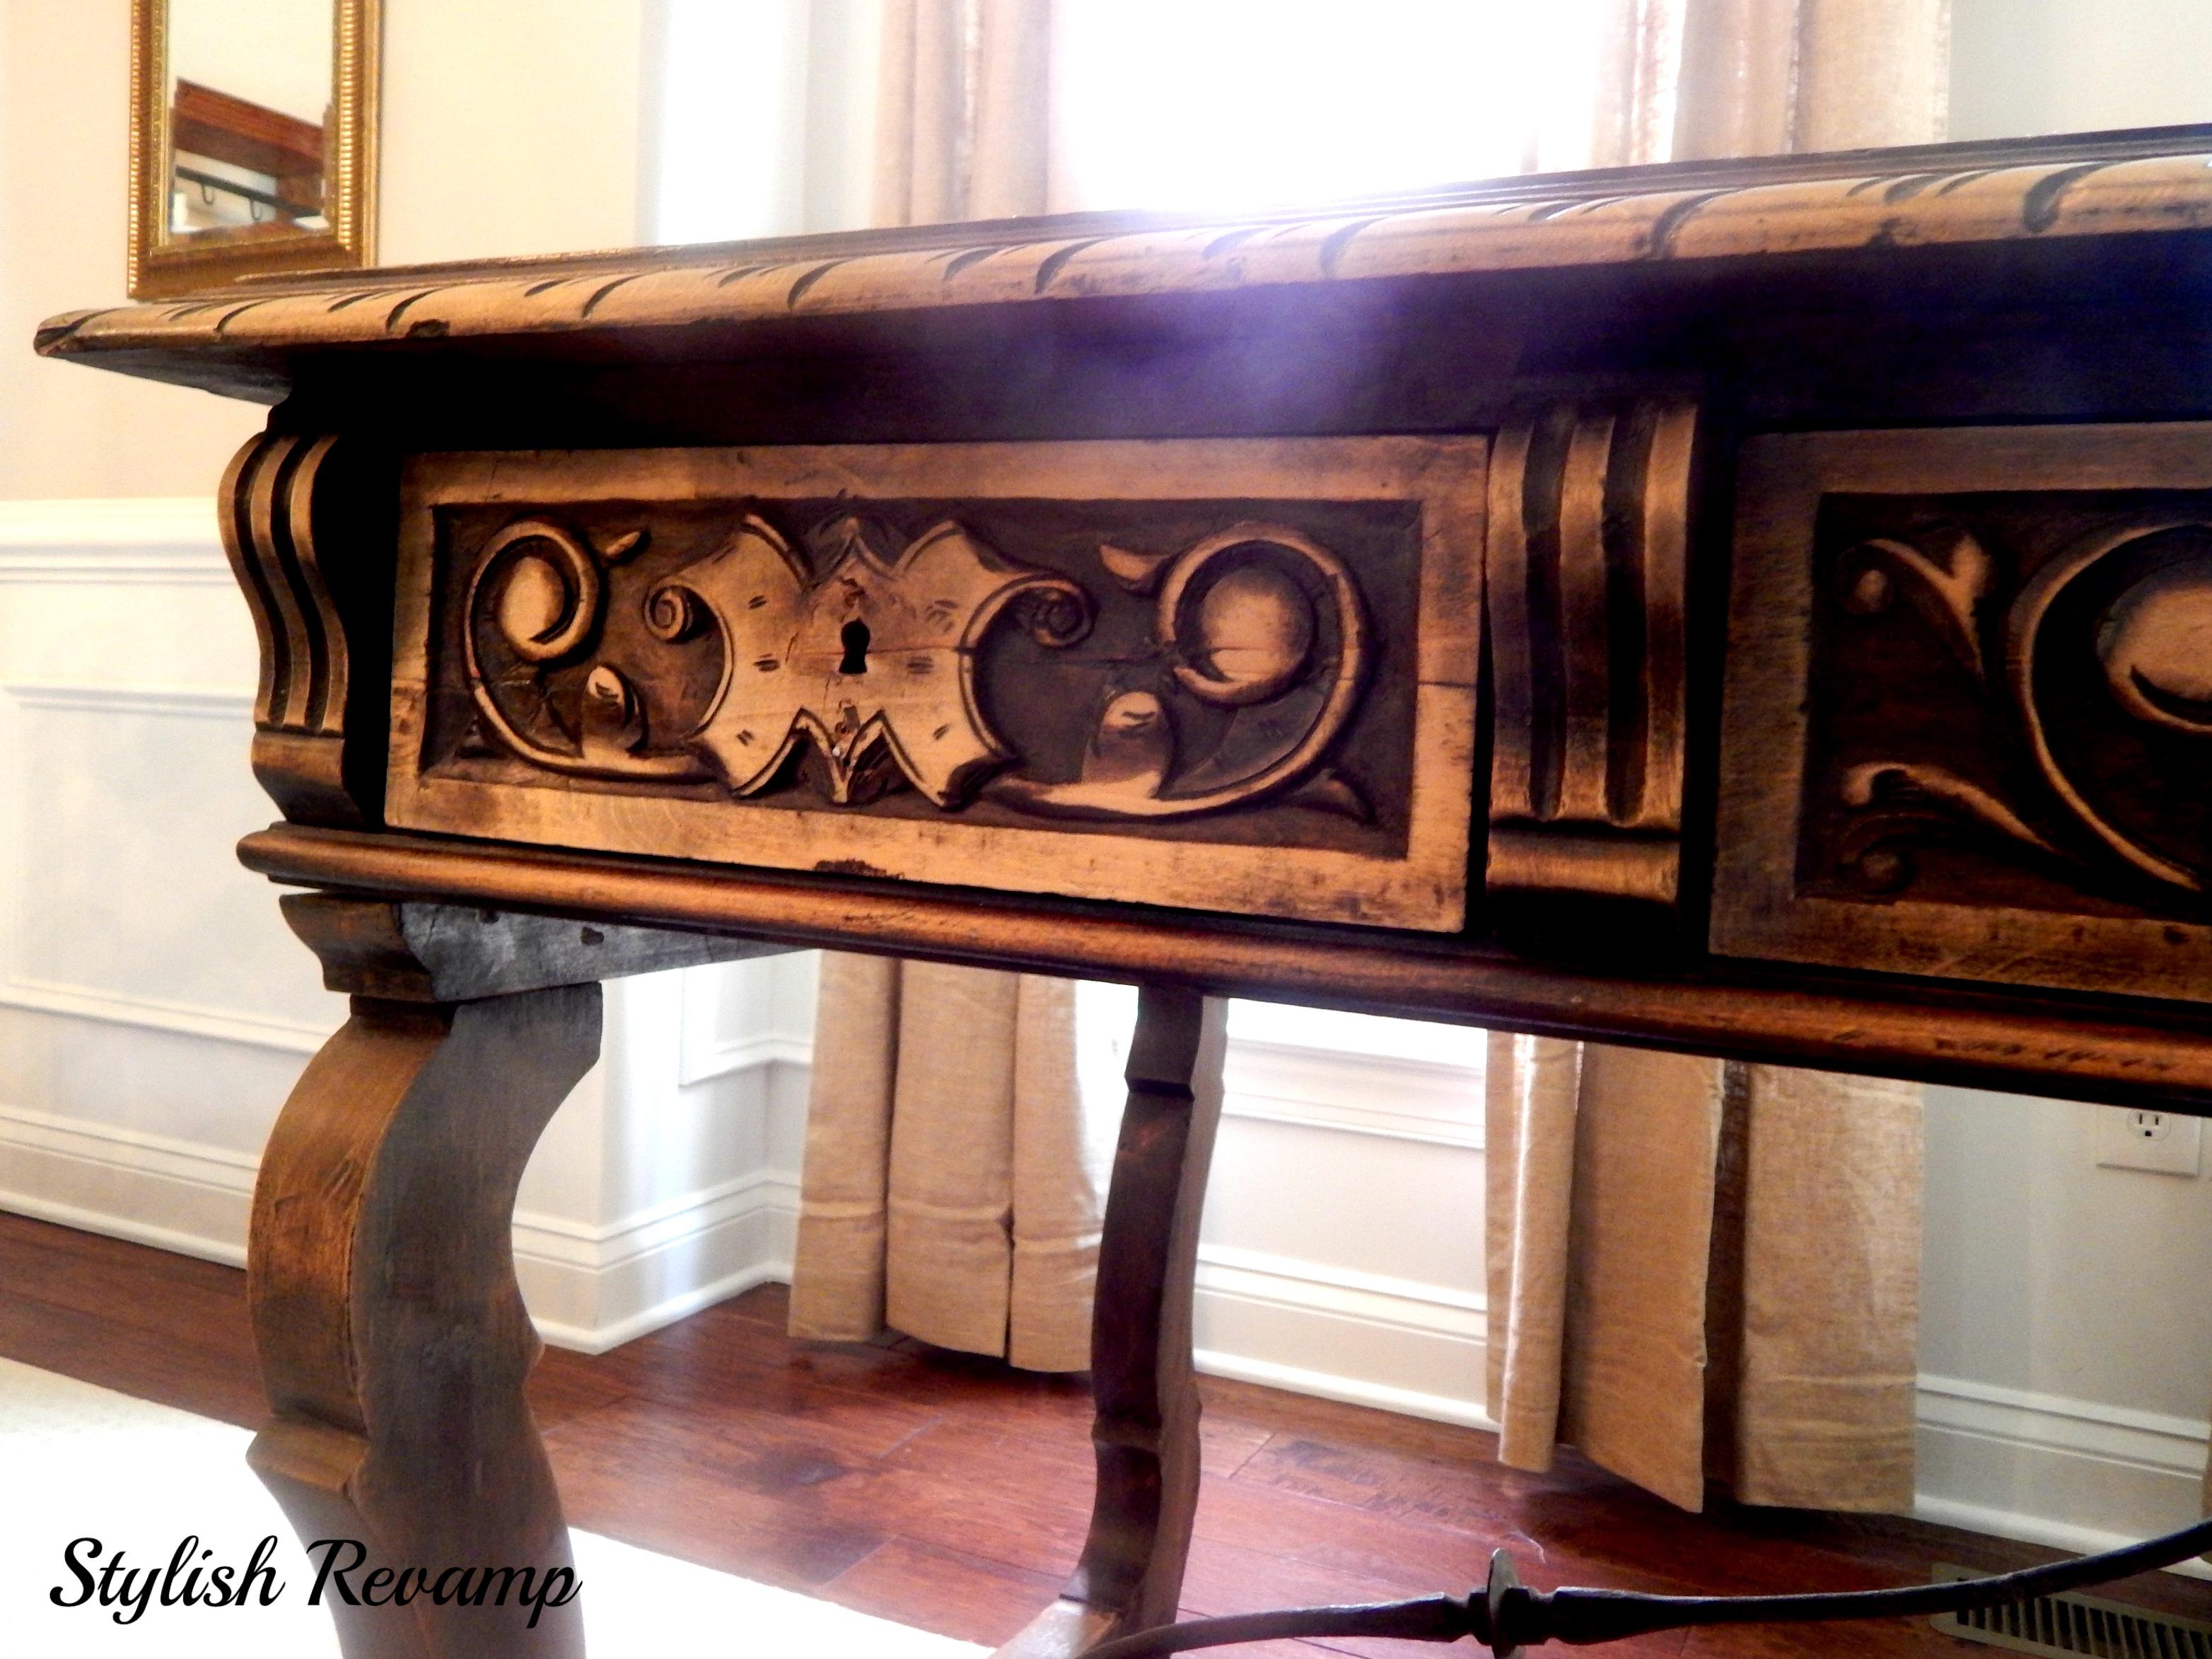 Carved Details on the Desk